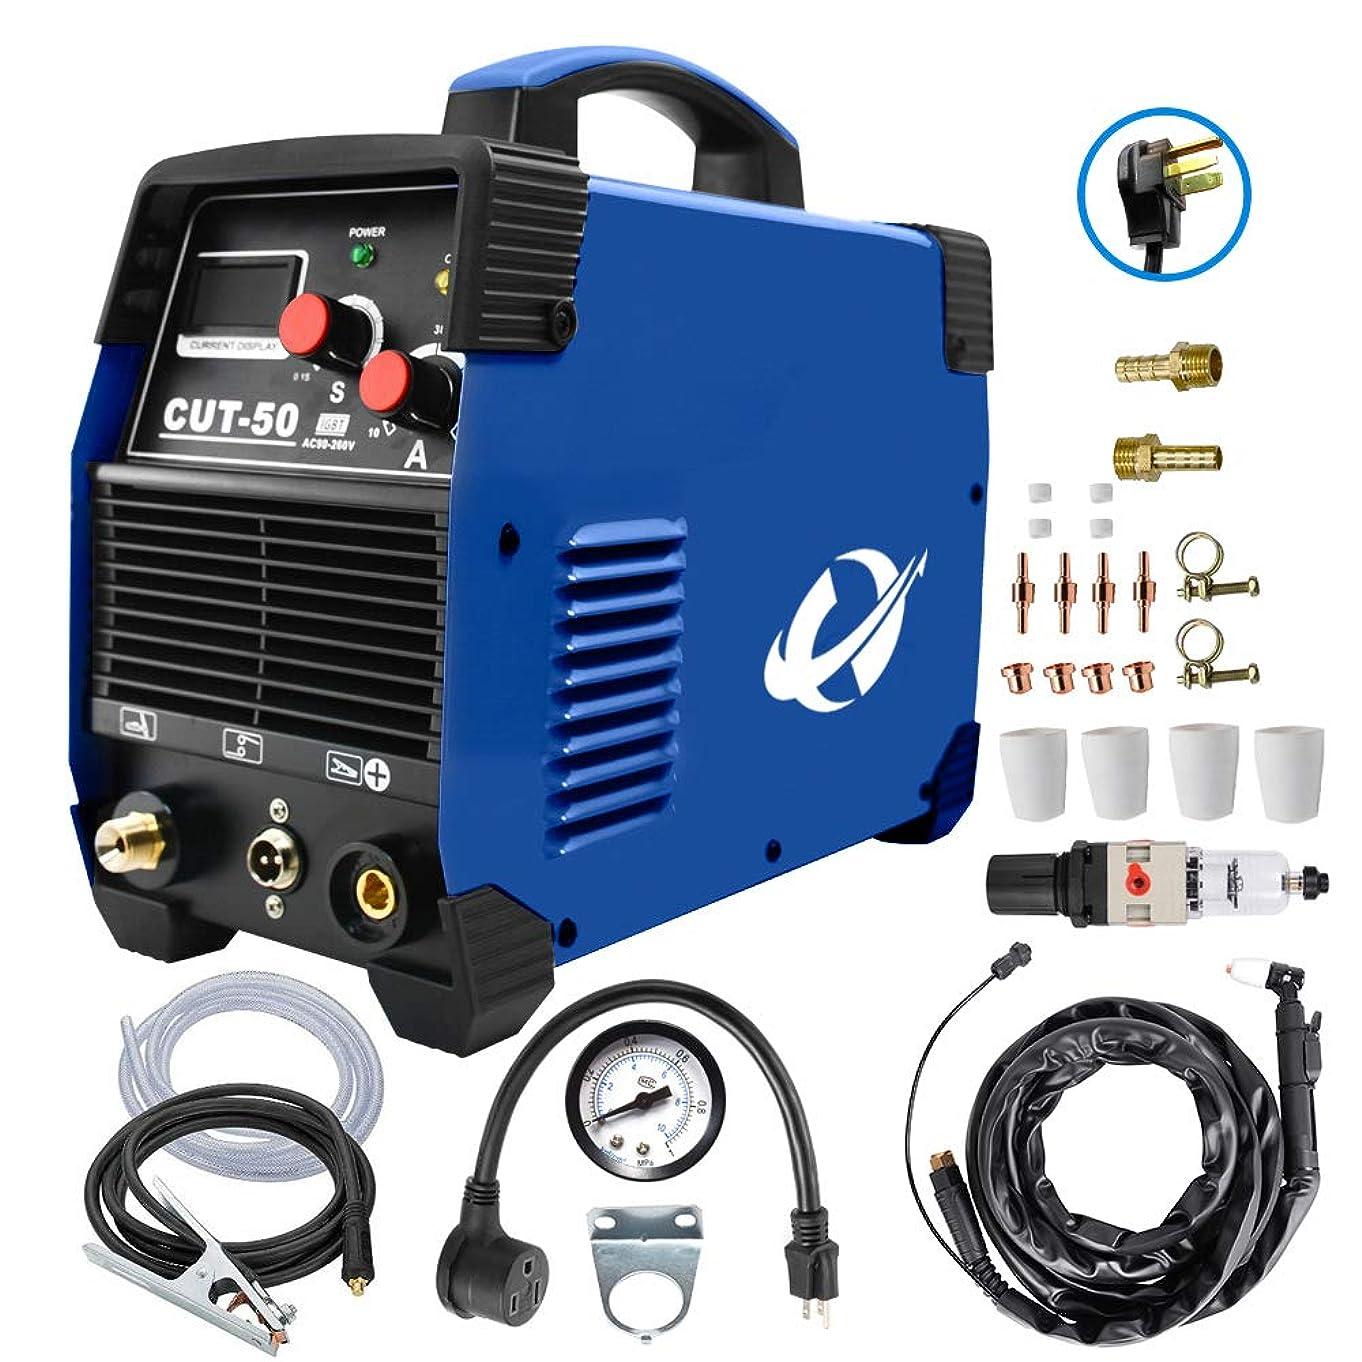 かける敵対的インスタンスプラズマカッター、CUT50 50 Amp 110V/220V デュアルボルテージ AC DC IGBT 切断機 LCD画面付き アクセサリーツール (ブルー)